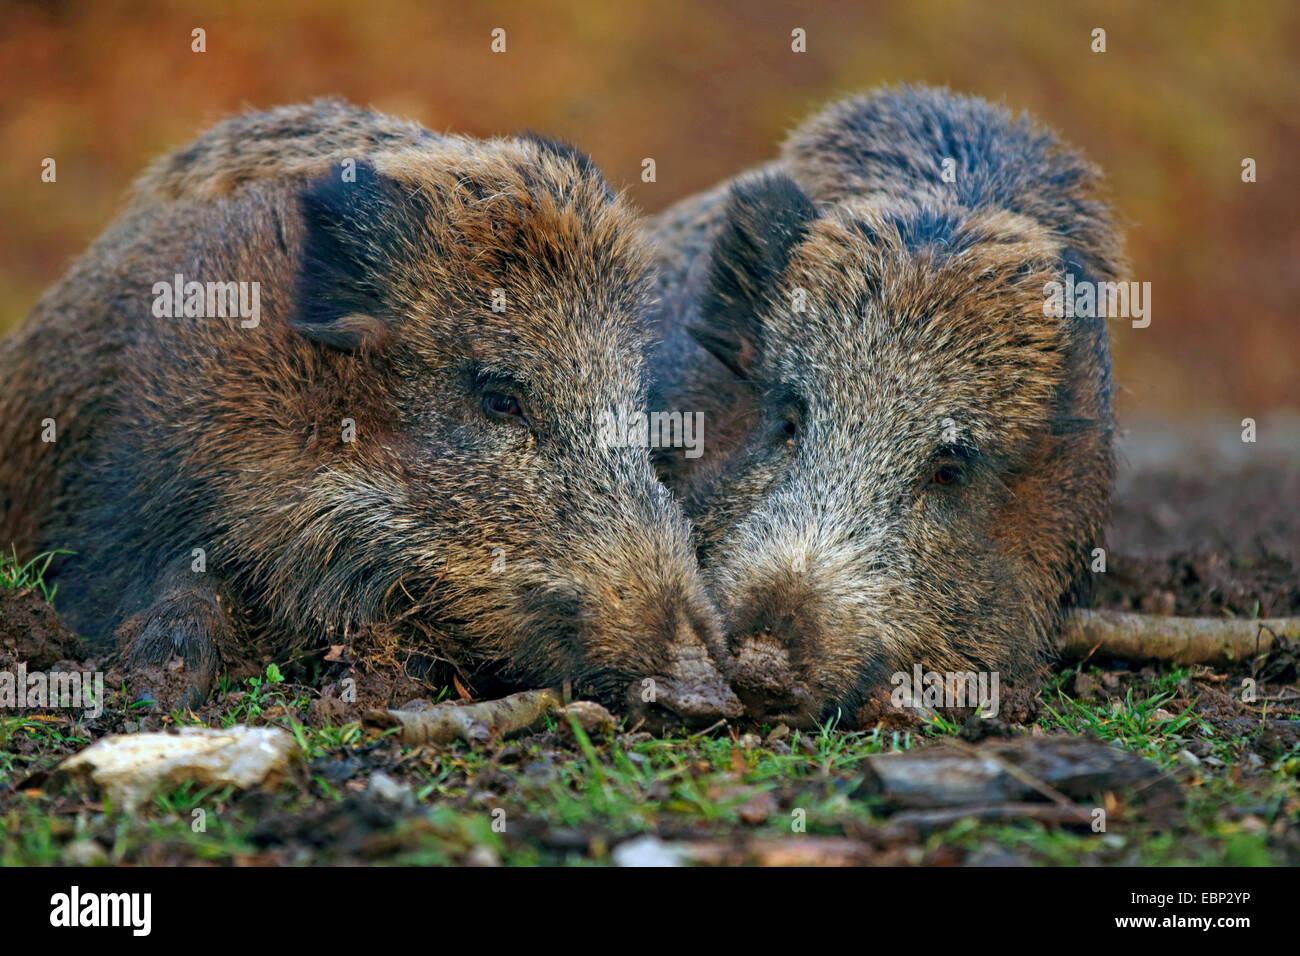 wild boar, pig, wild boar (Sus scrofa), two wild boars resting side by side, Germany, Baden-Wuerttemberg - Stock Image